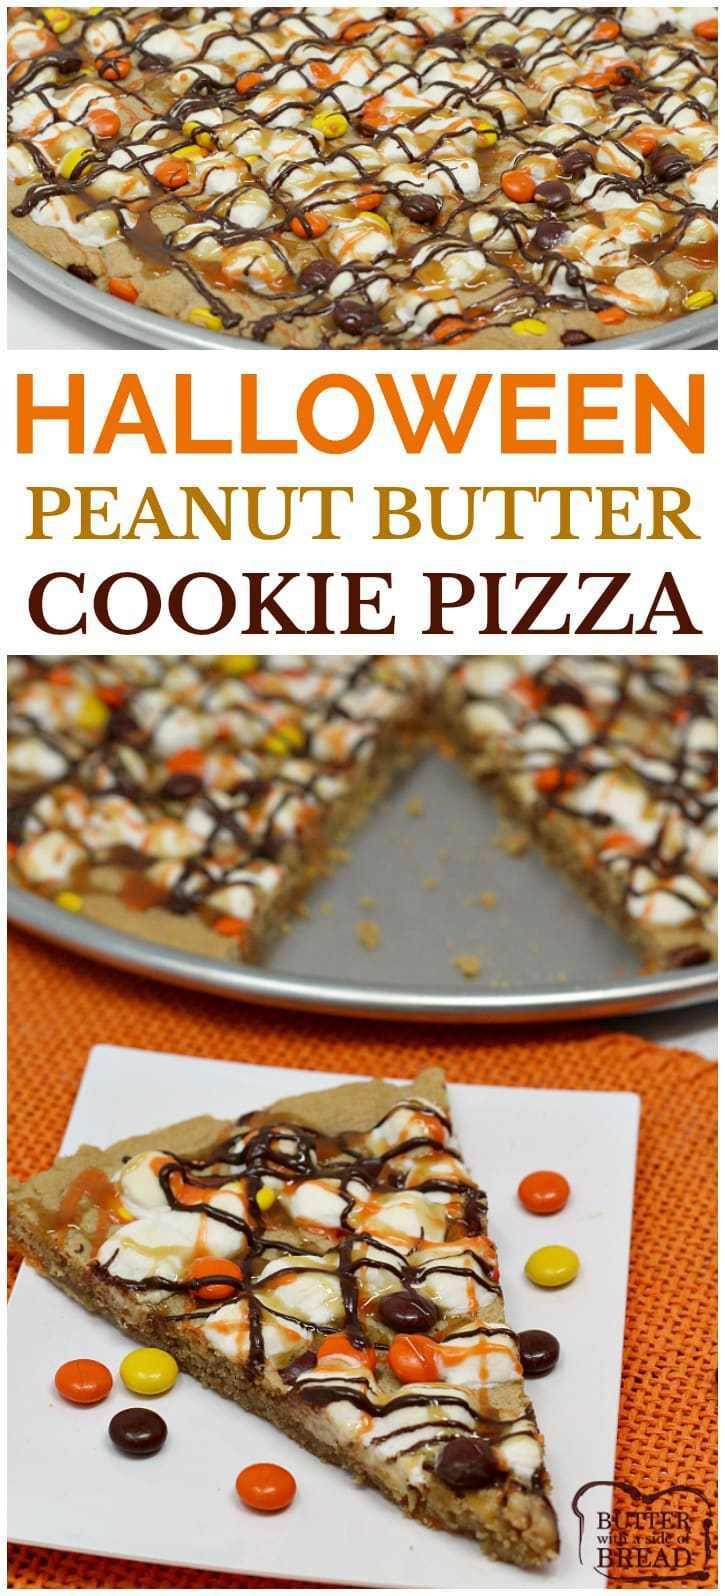 Halloween Peanut Butter Cookies  HALLOWEEN PEANUT BUTTER COOKIE PIZZA Butter with a Side